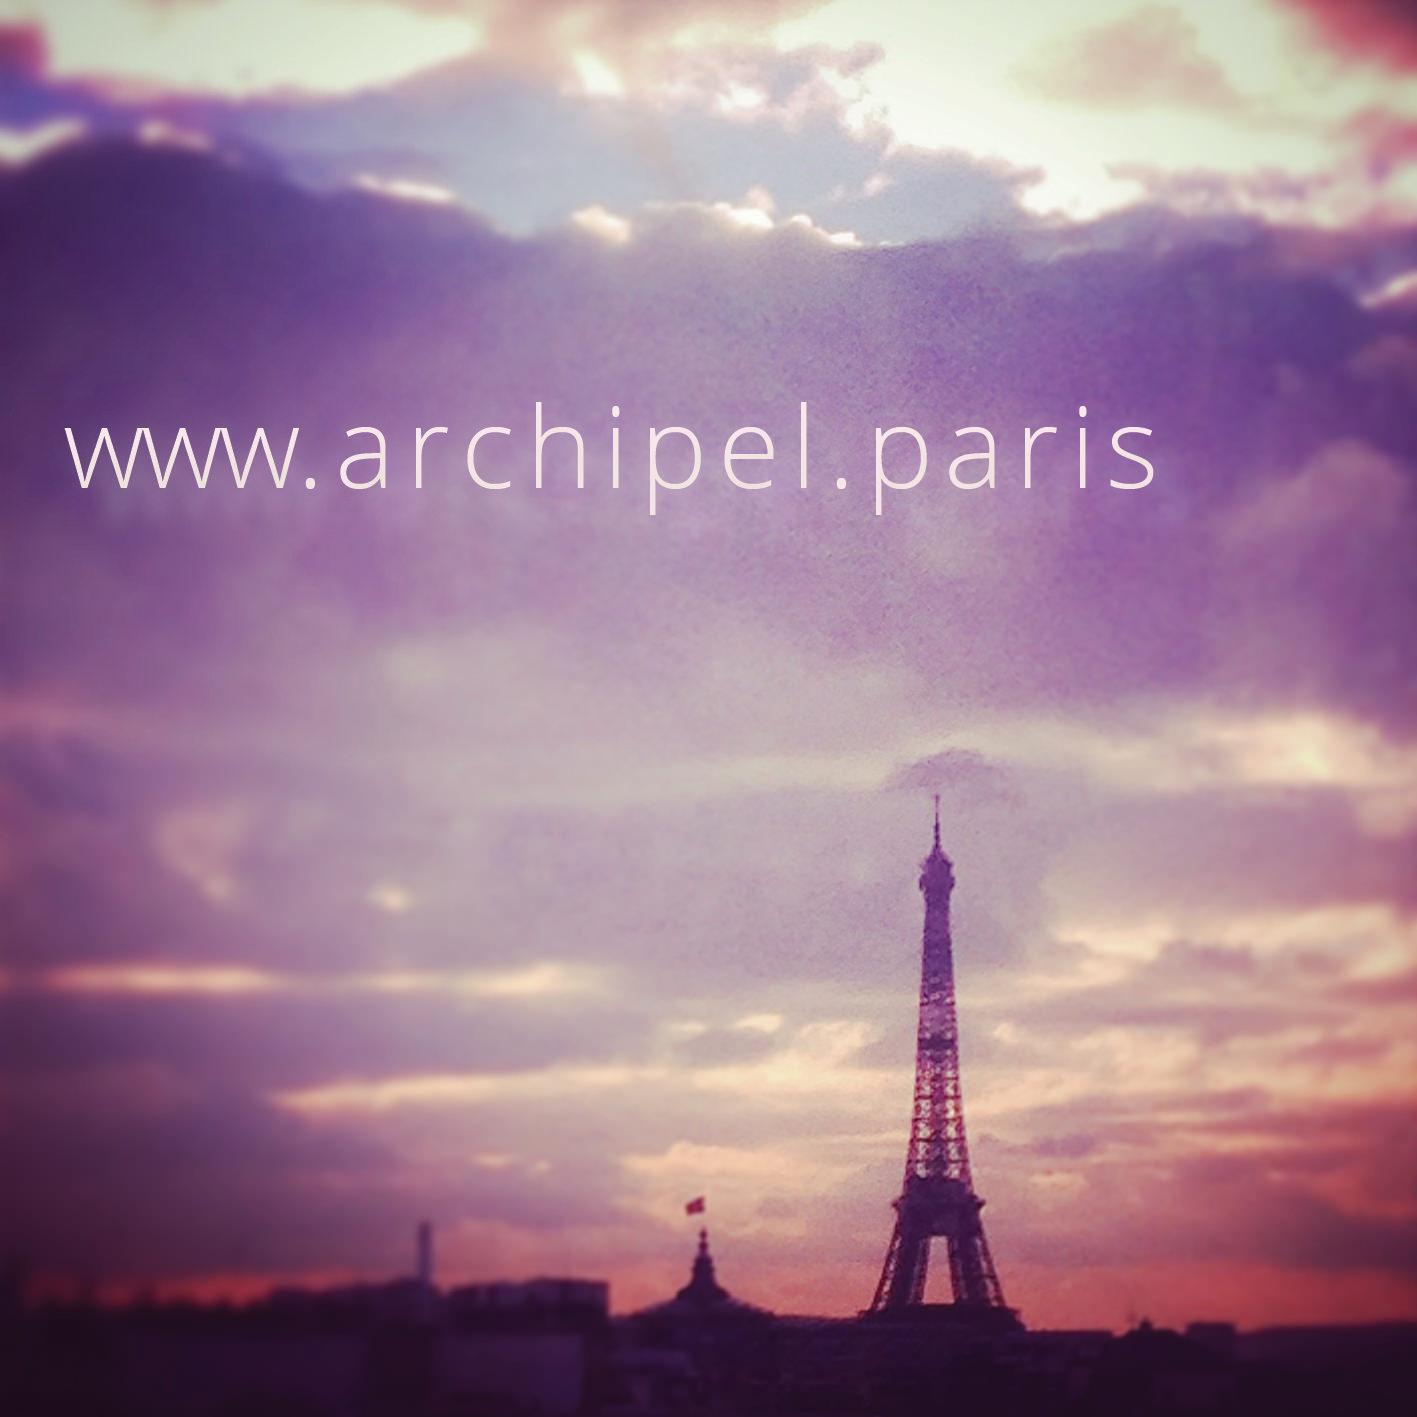 www.archipel.paris.jpg